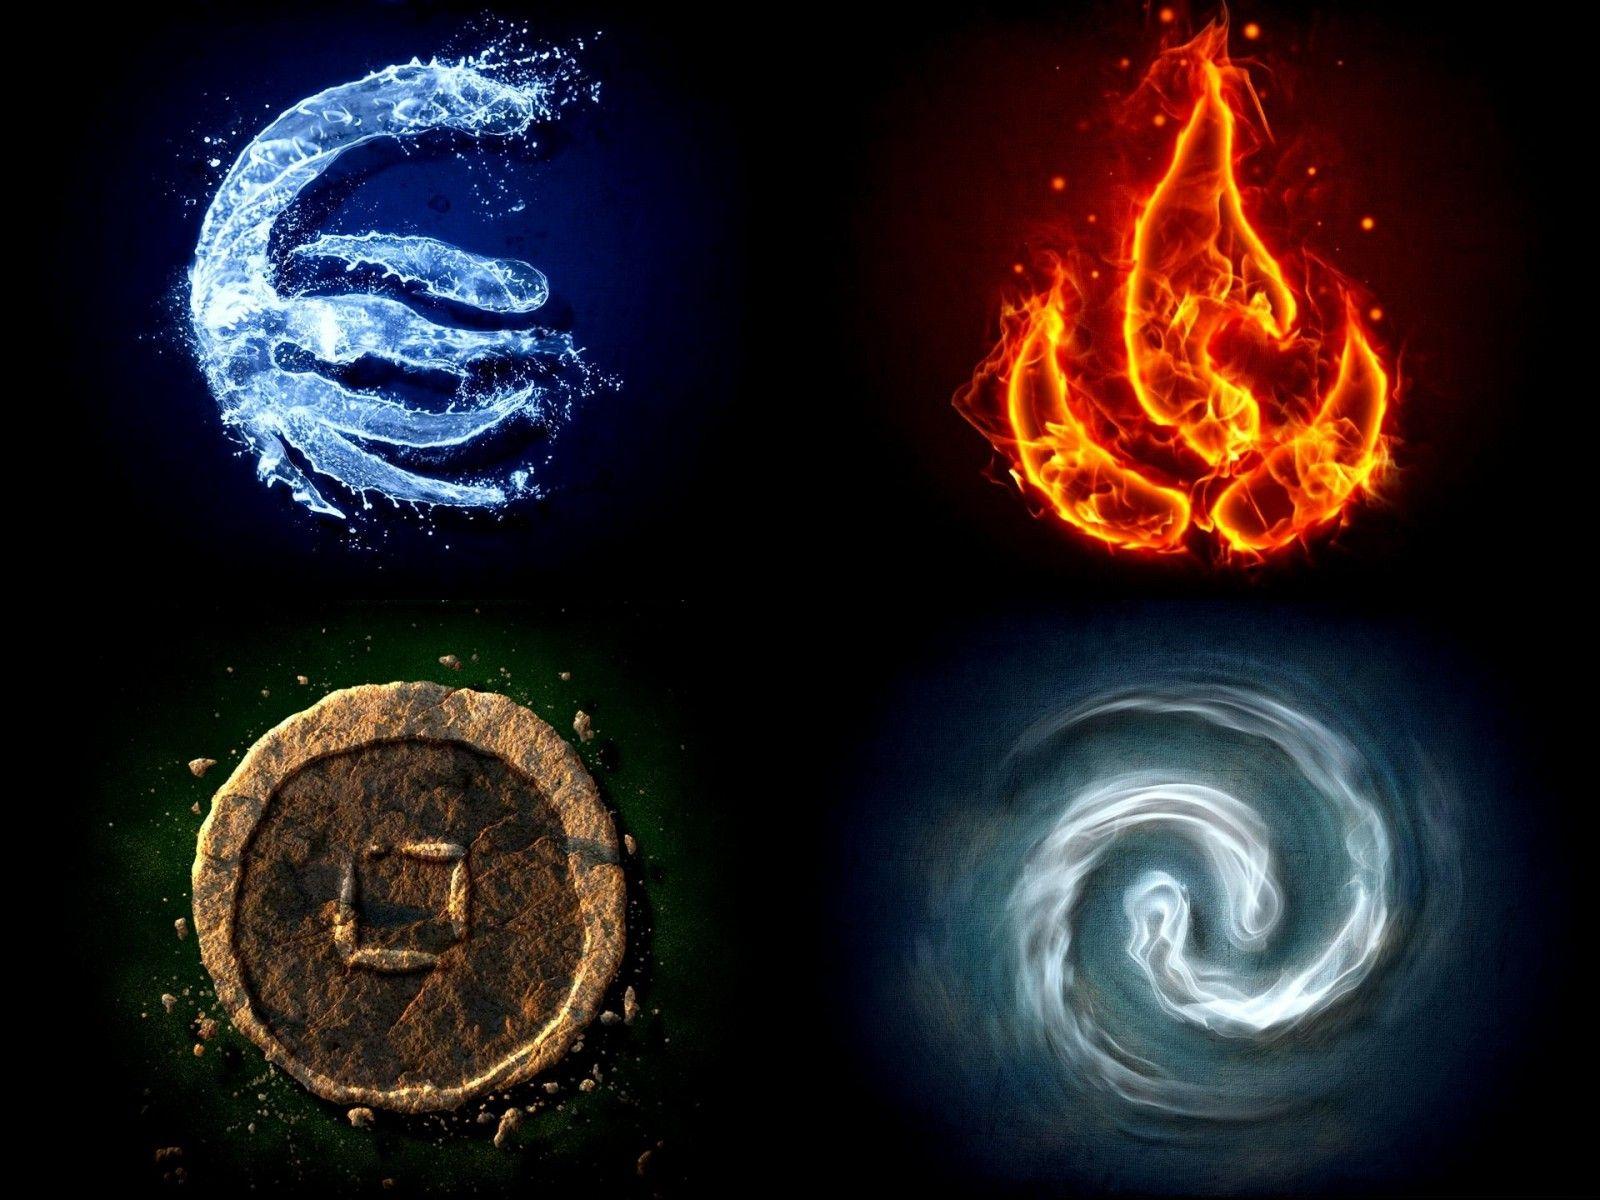 les 4 l ments avatar les 4 l ments avatar symbole. Black Bedroom Furniture Sets. Home Design Ideas